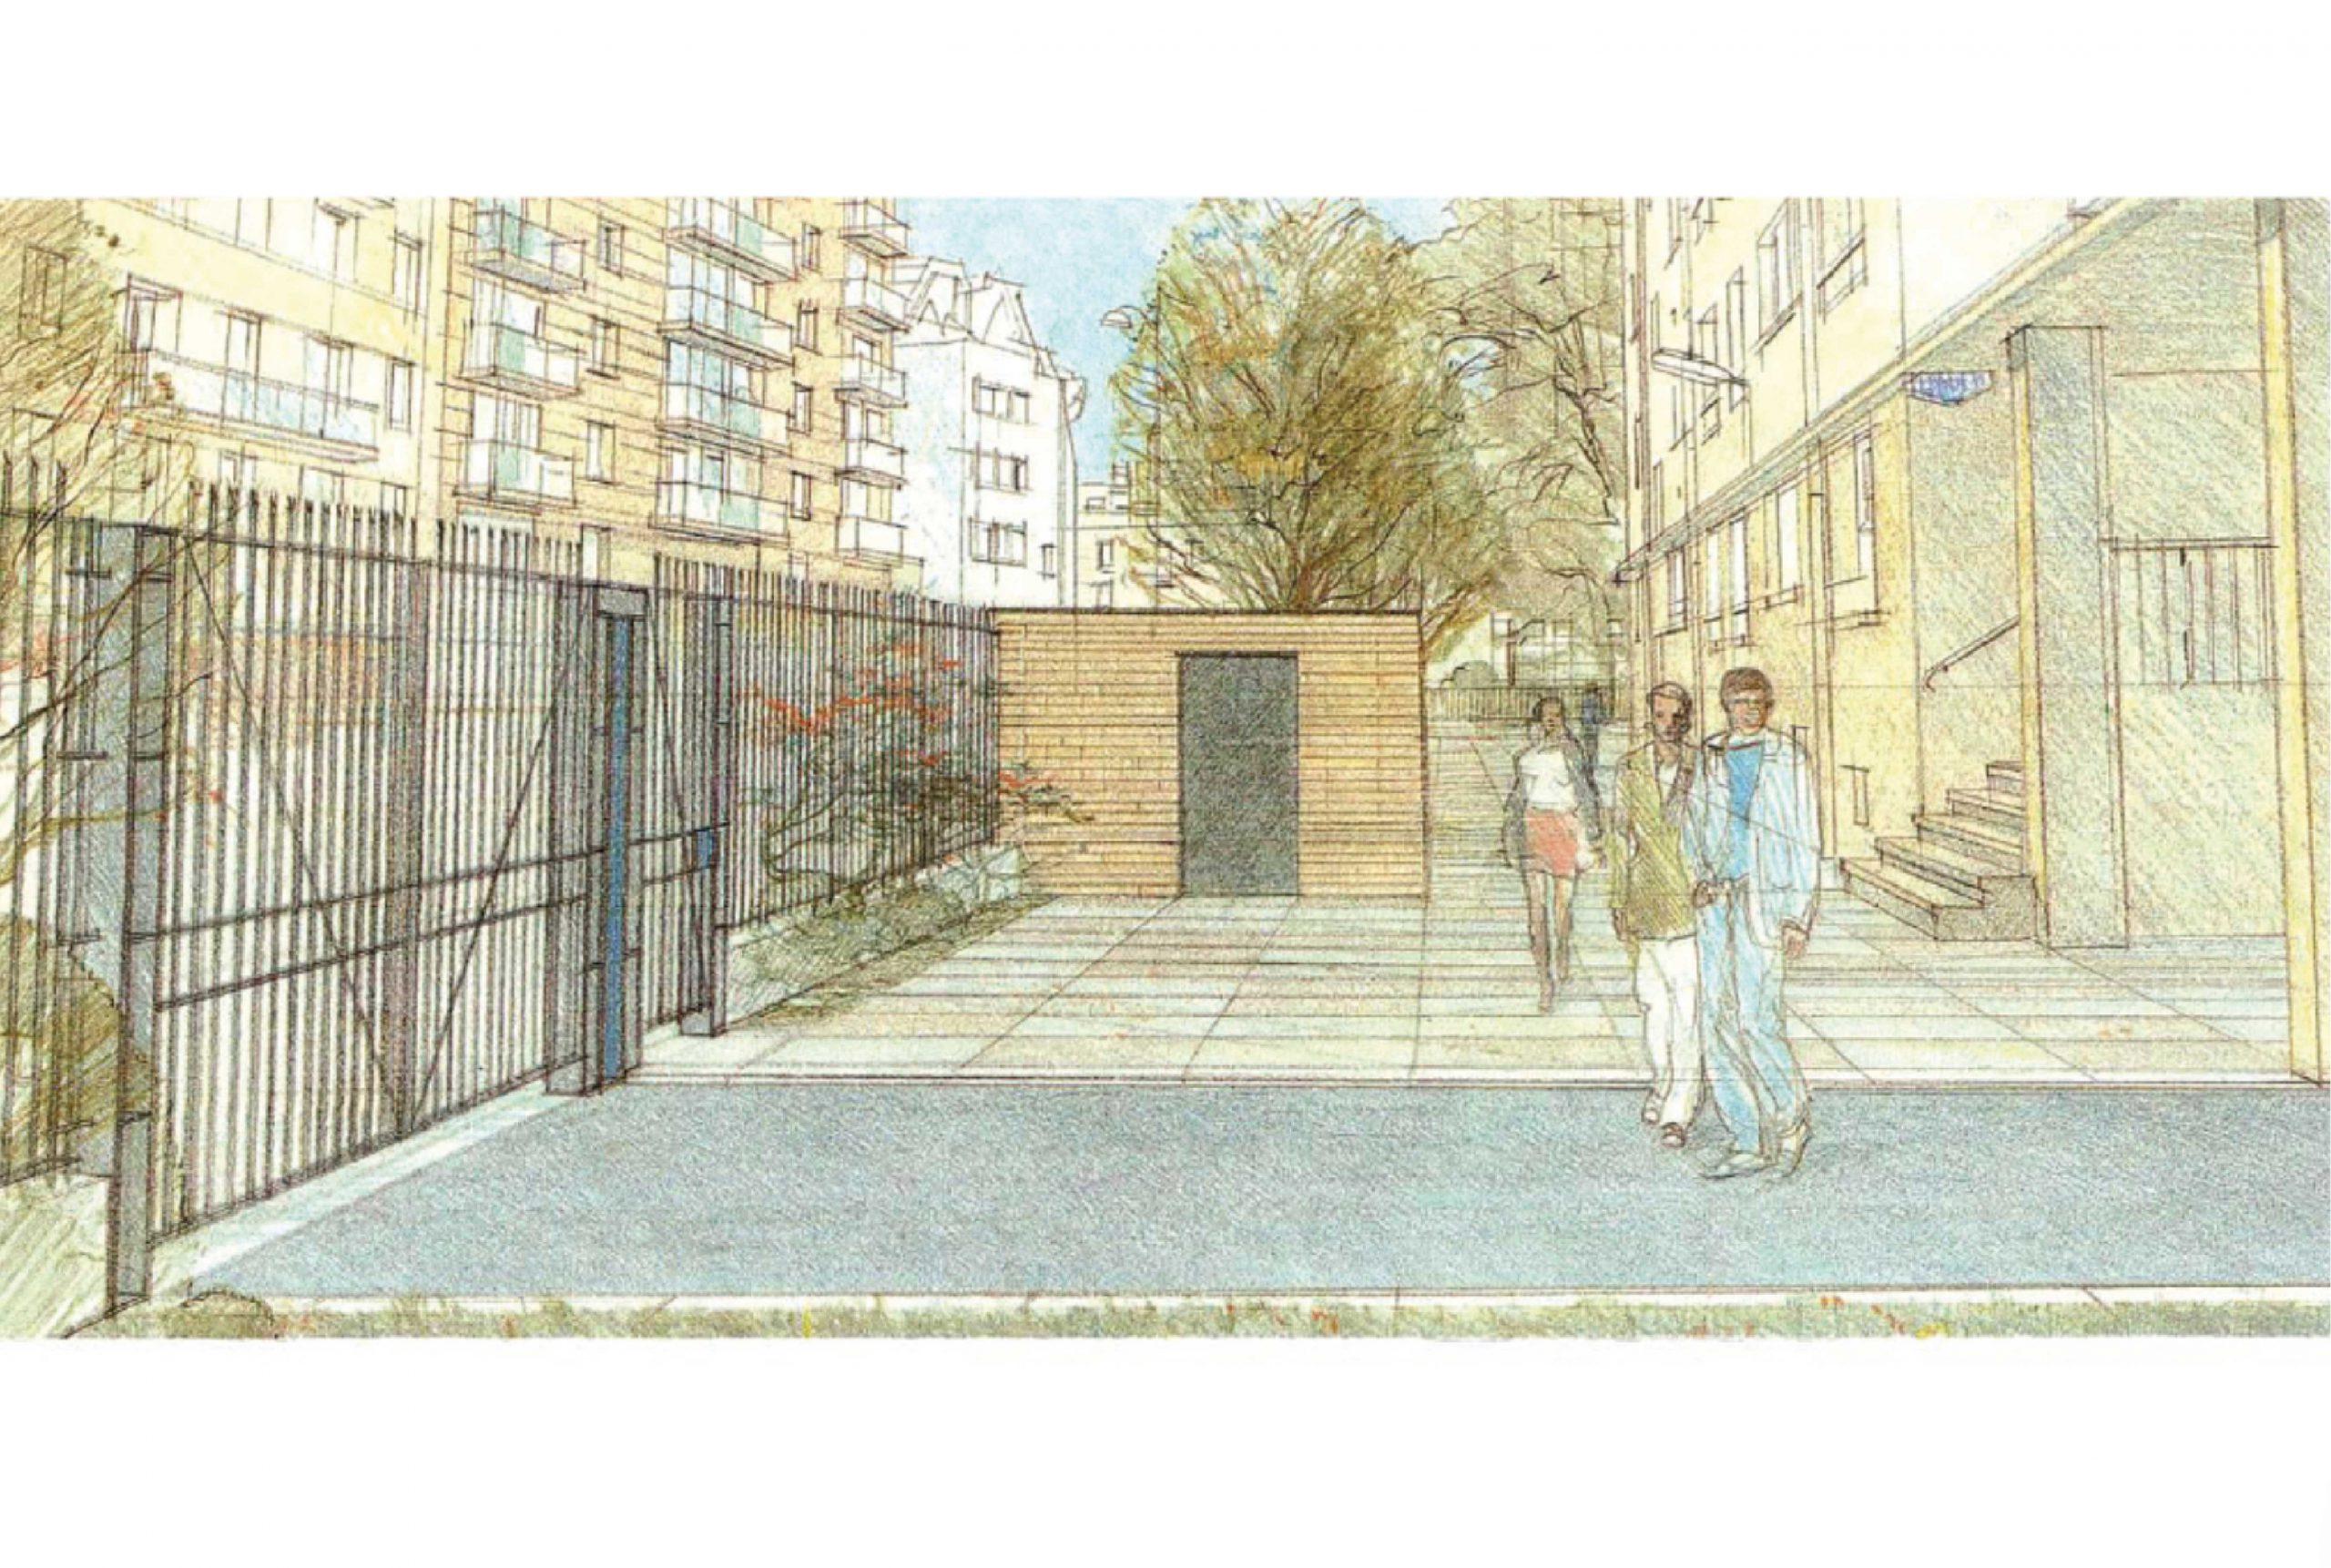 Projet urbanisme Flandre Riquet 2 par Atelier JS Tabet